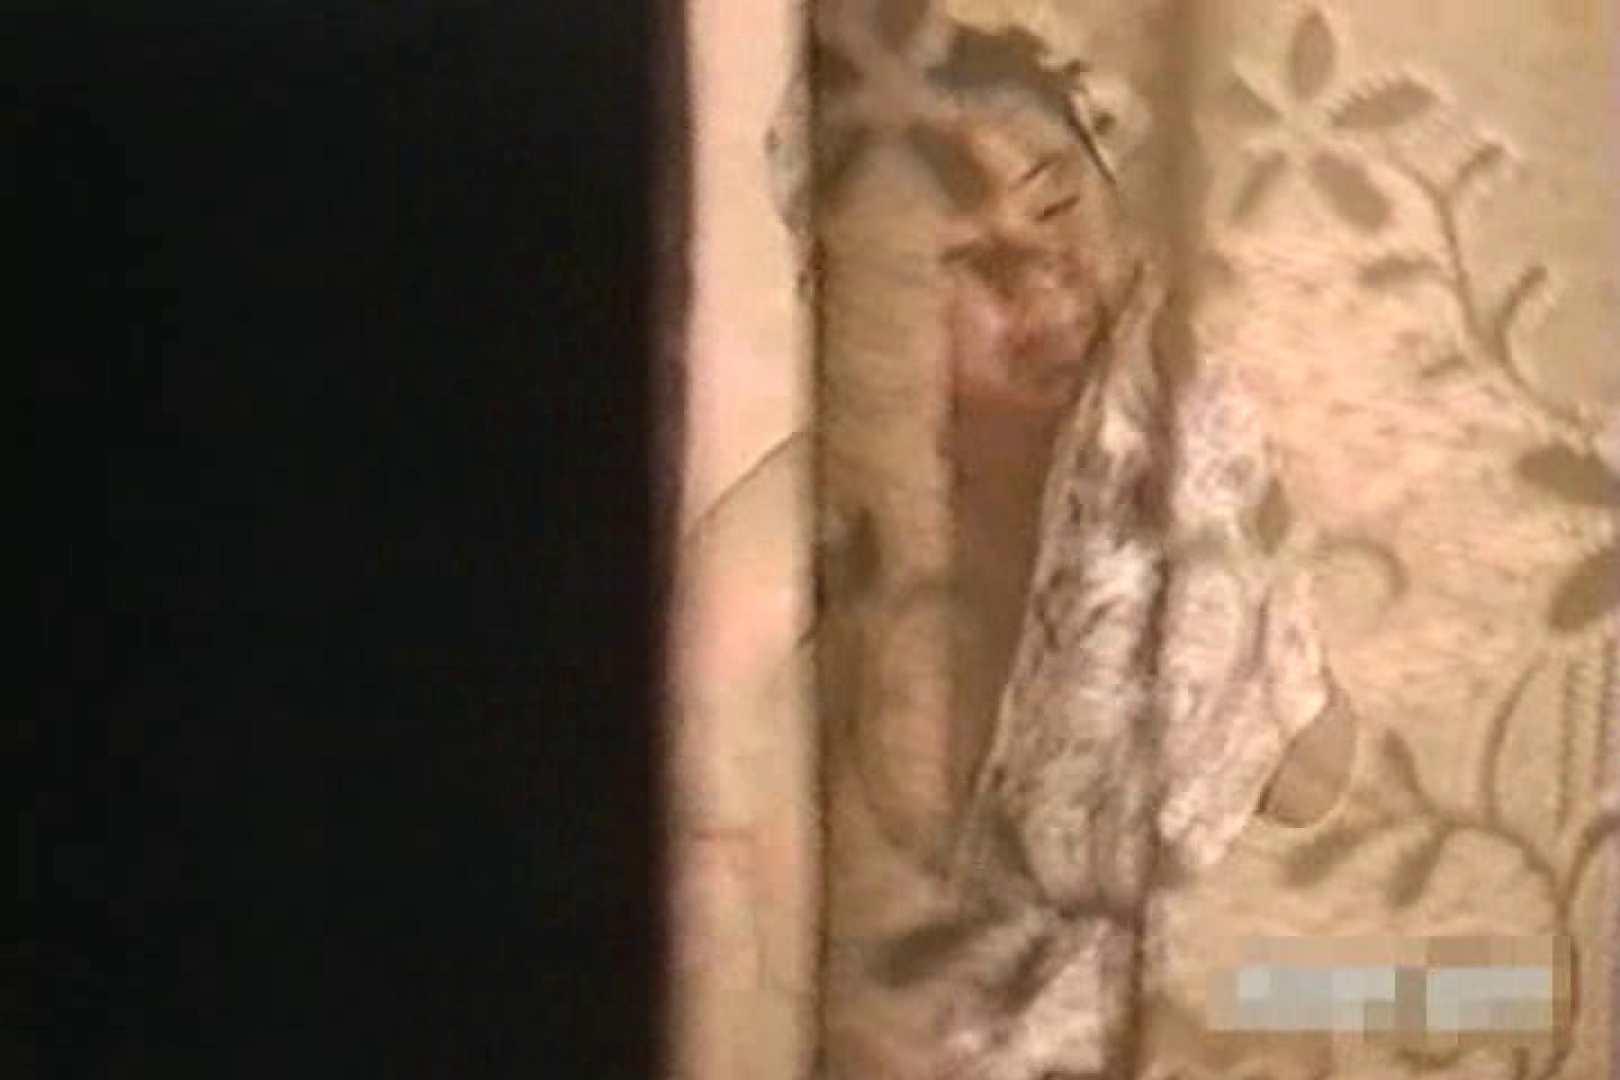 激撮ストーカー記録あなたのお宅拝見しますVol.1 ハプニング ワレメ無修正動画無料 98pic 46